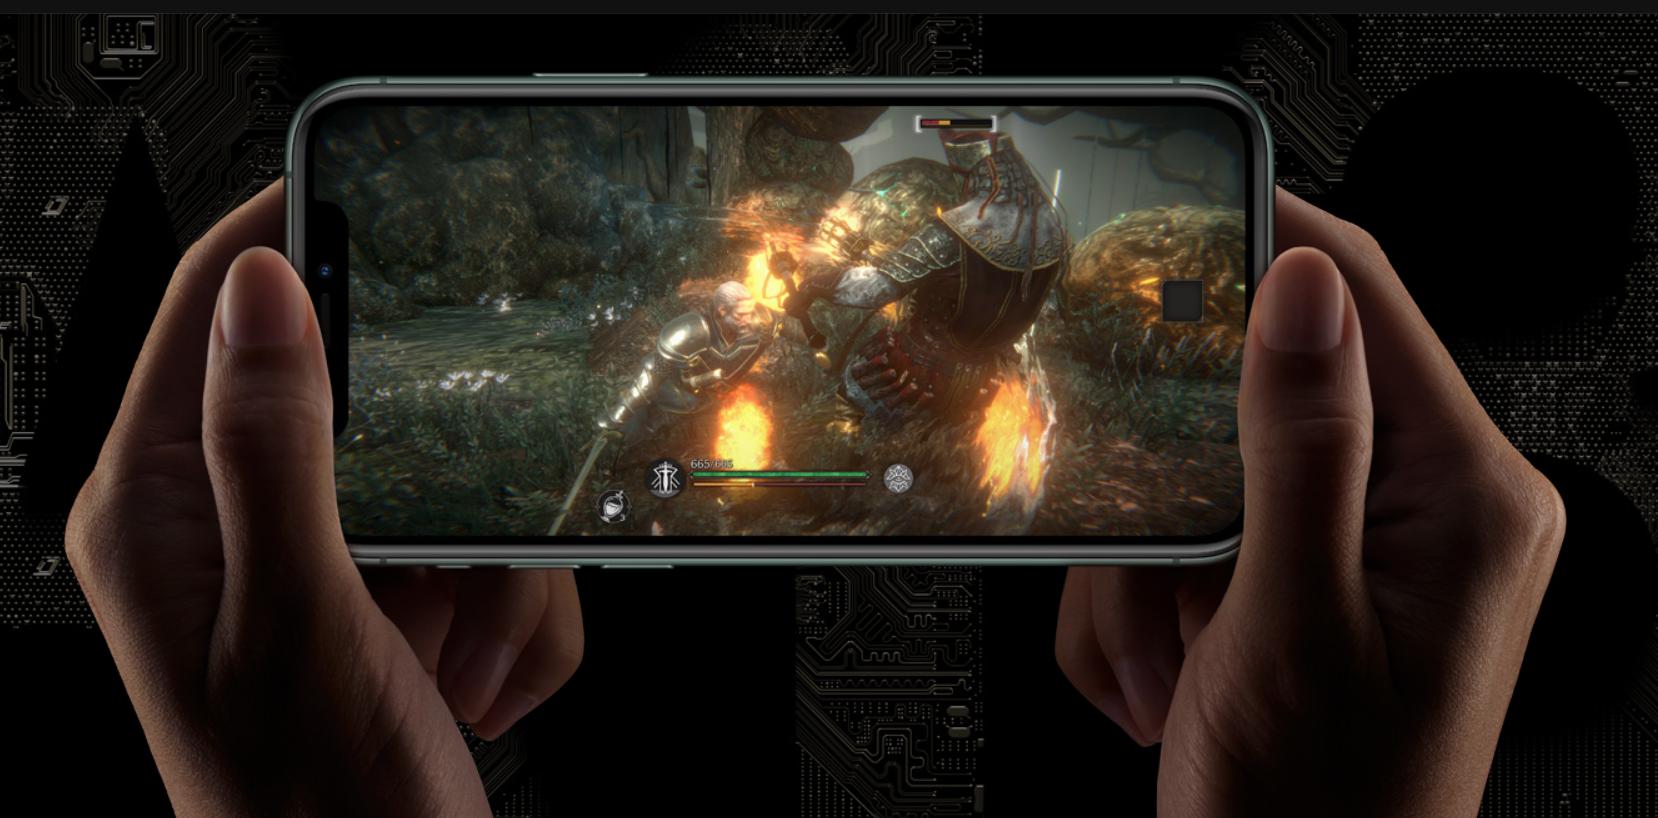 Chip A13 Bionic nhanh nhất từng có trong điện thoại thông minh